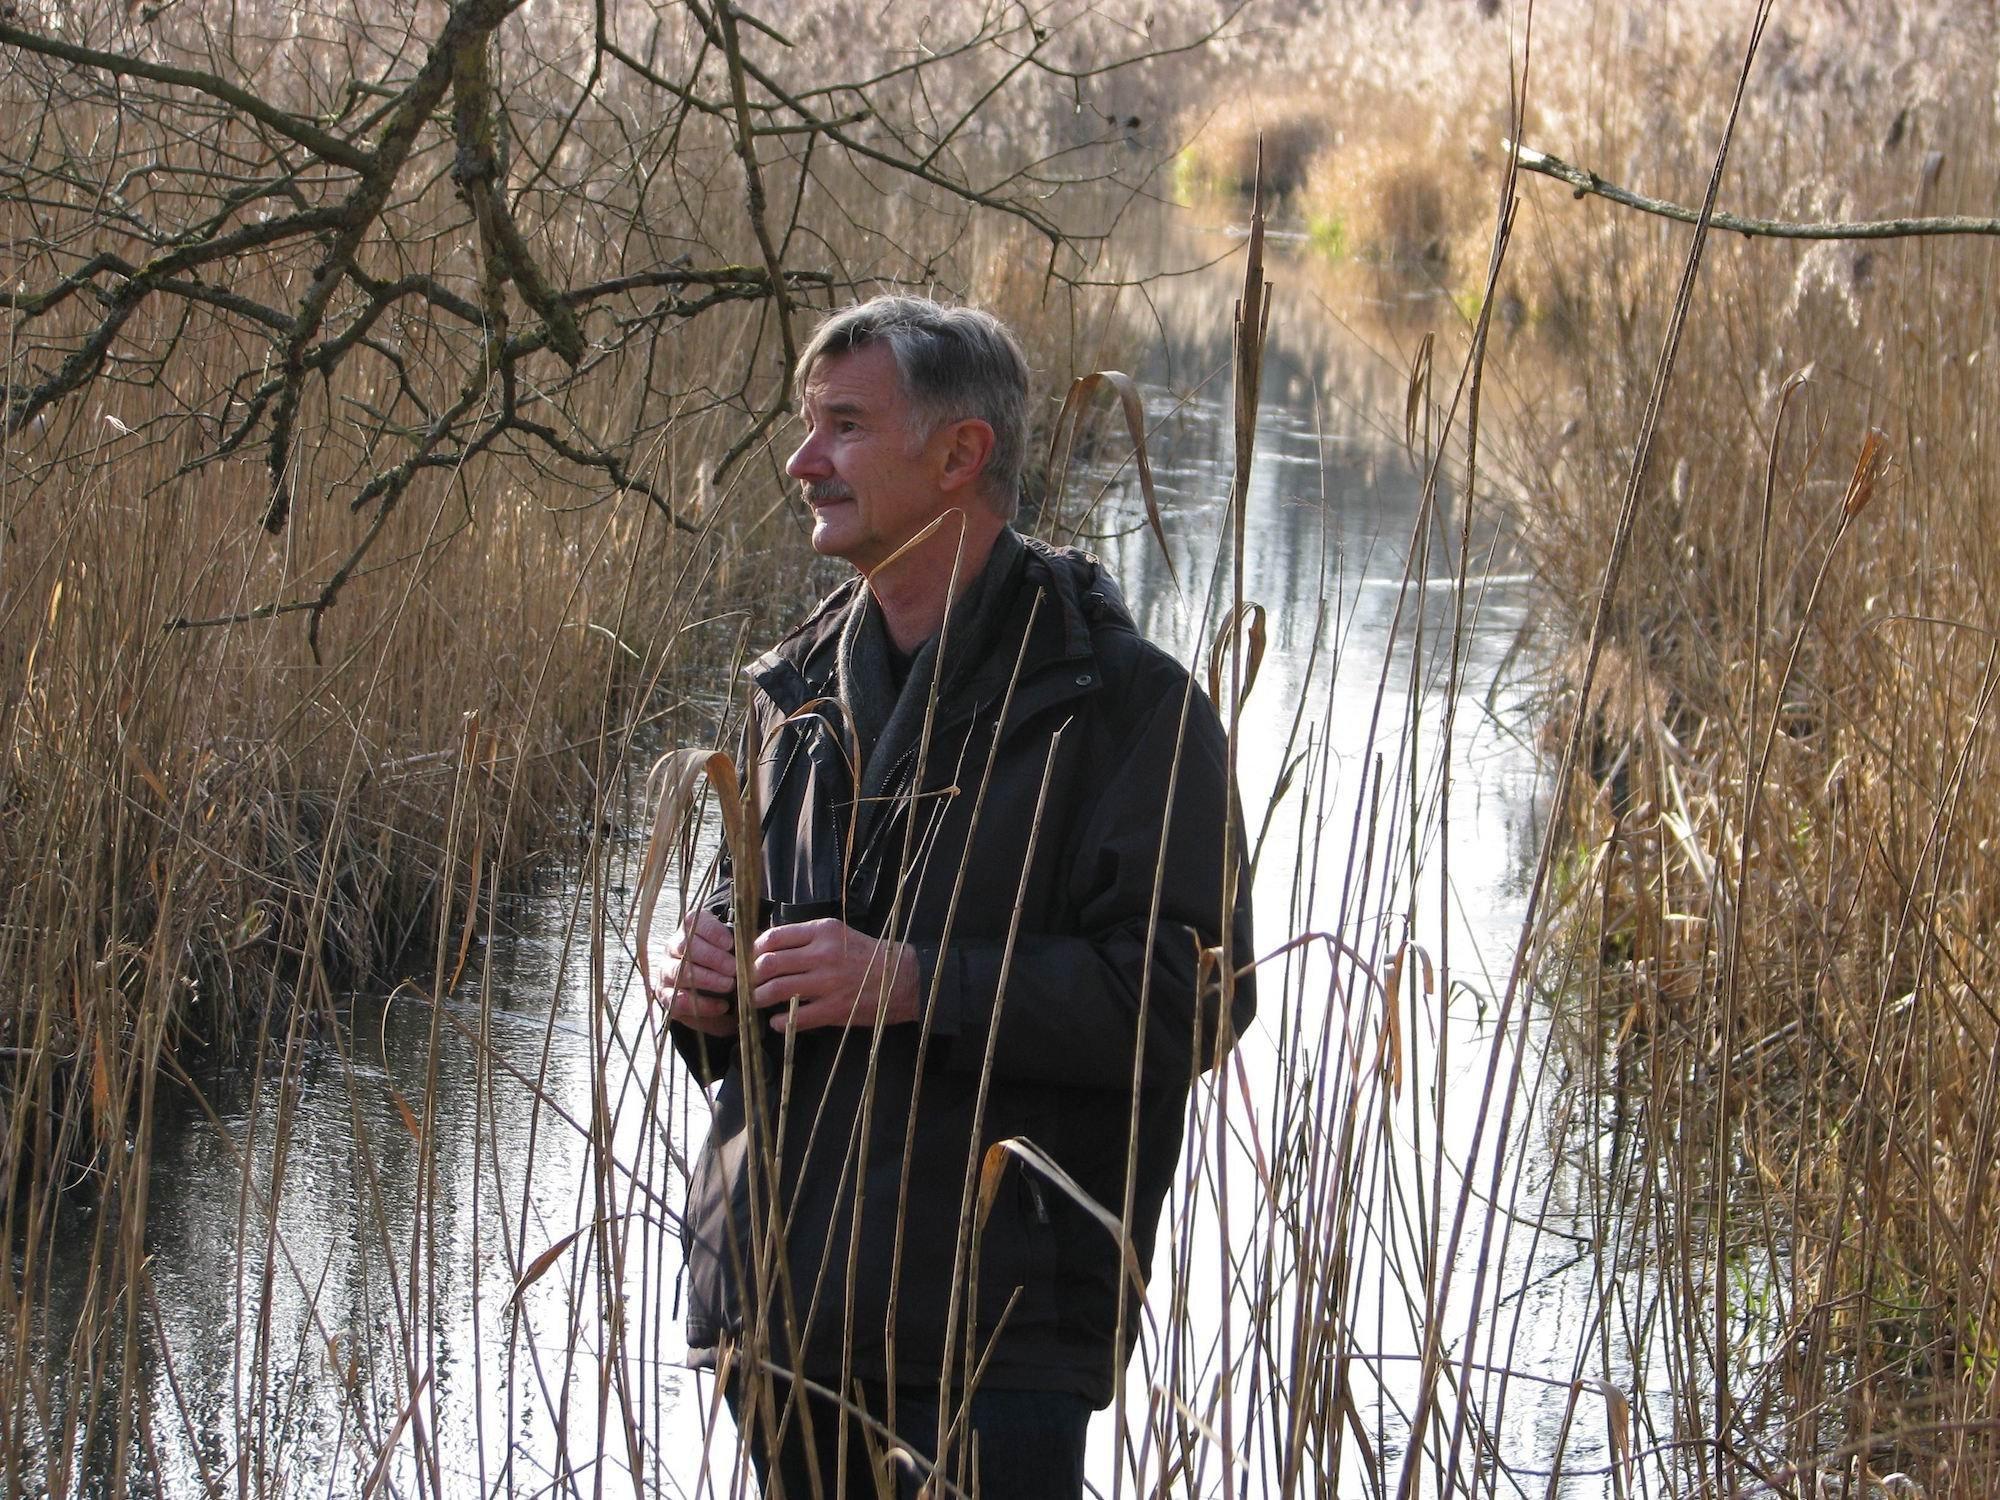 Aufnahme des Biologen Josef H. Reichholf. Er steht zwischen Schilf an einem Bach.